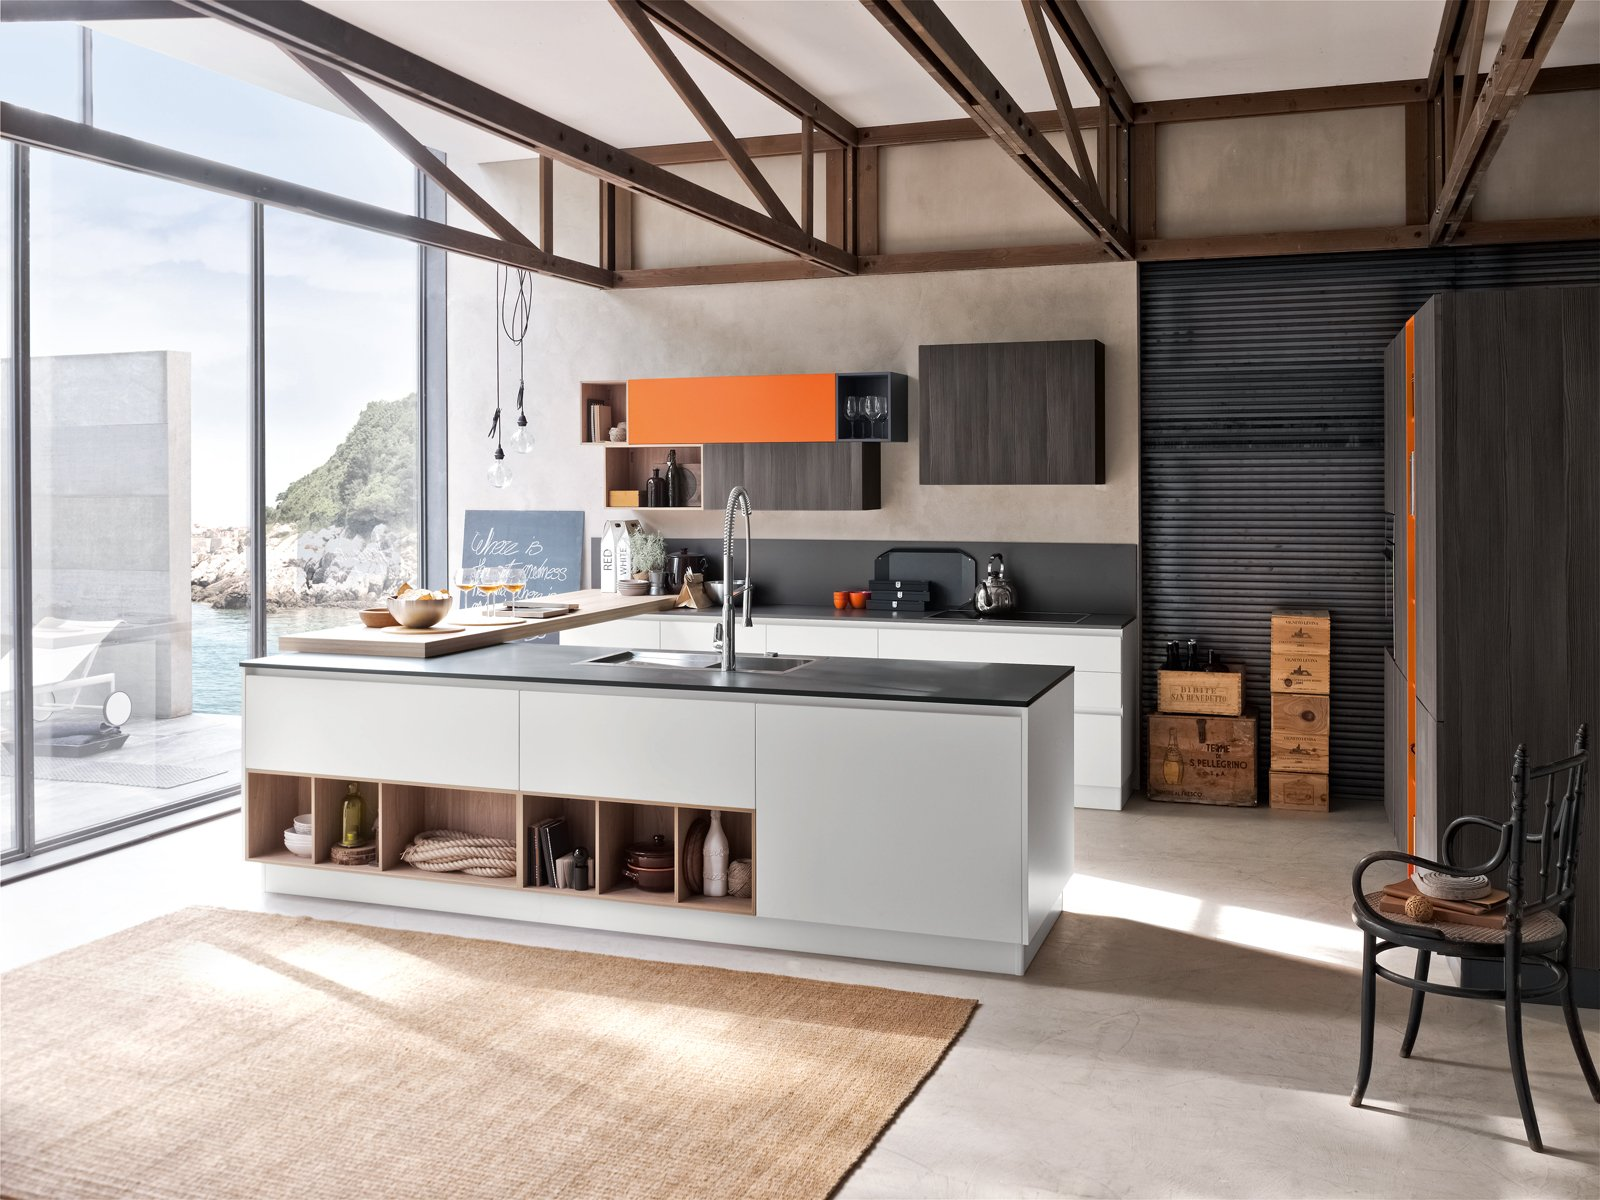 Cucine con grandi piani di lavoro cose di casa - Disegni di cucine ...